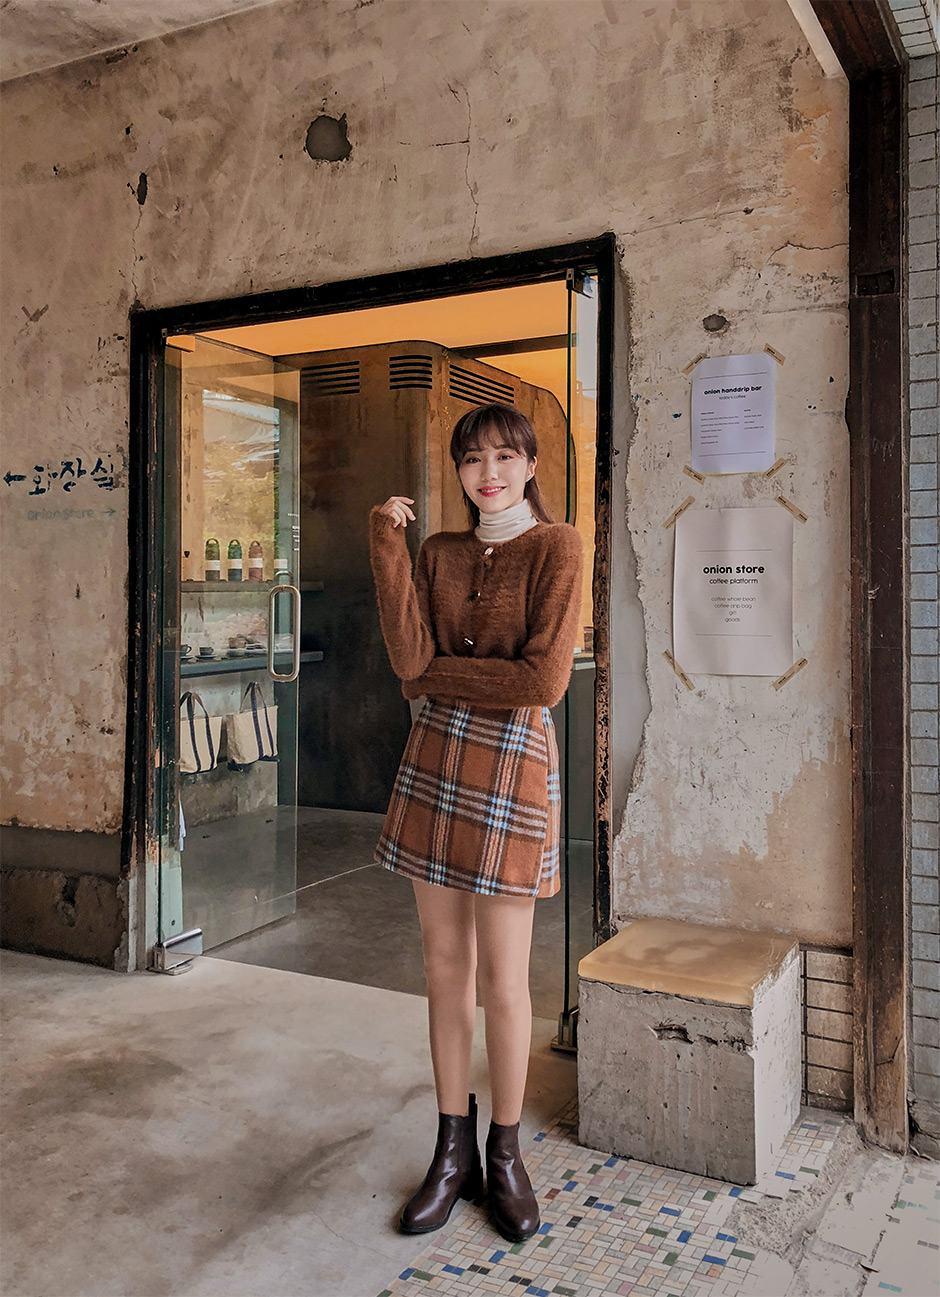 重複穿搭單品三:A字格紋裙-韓妞衣櫃一定有一件格紋裙!小資女必入手的超好搭又顯腿長單品!搭配同色系針織外套絕對是一個好選擇。